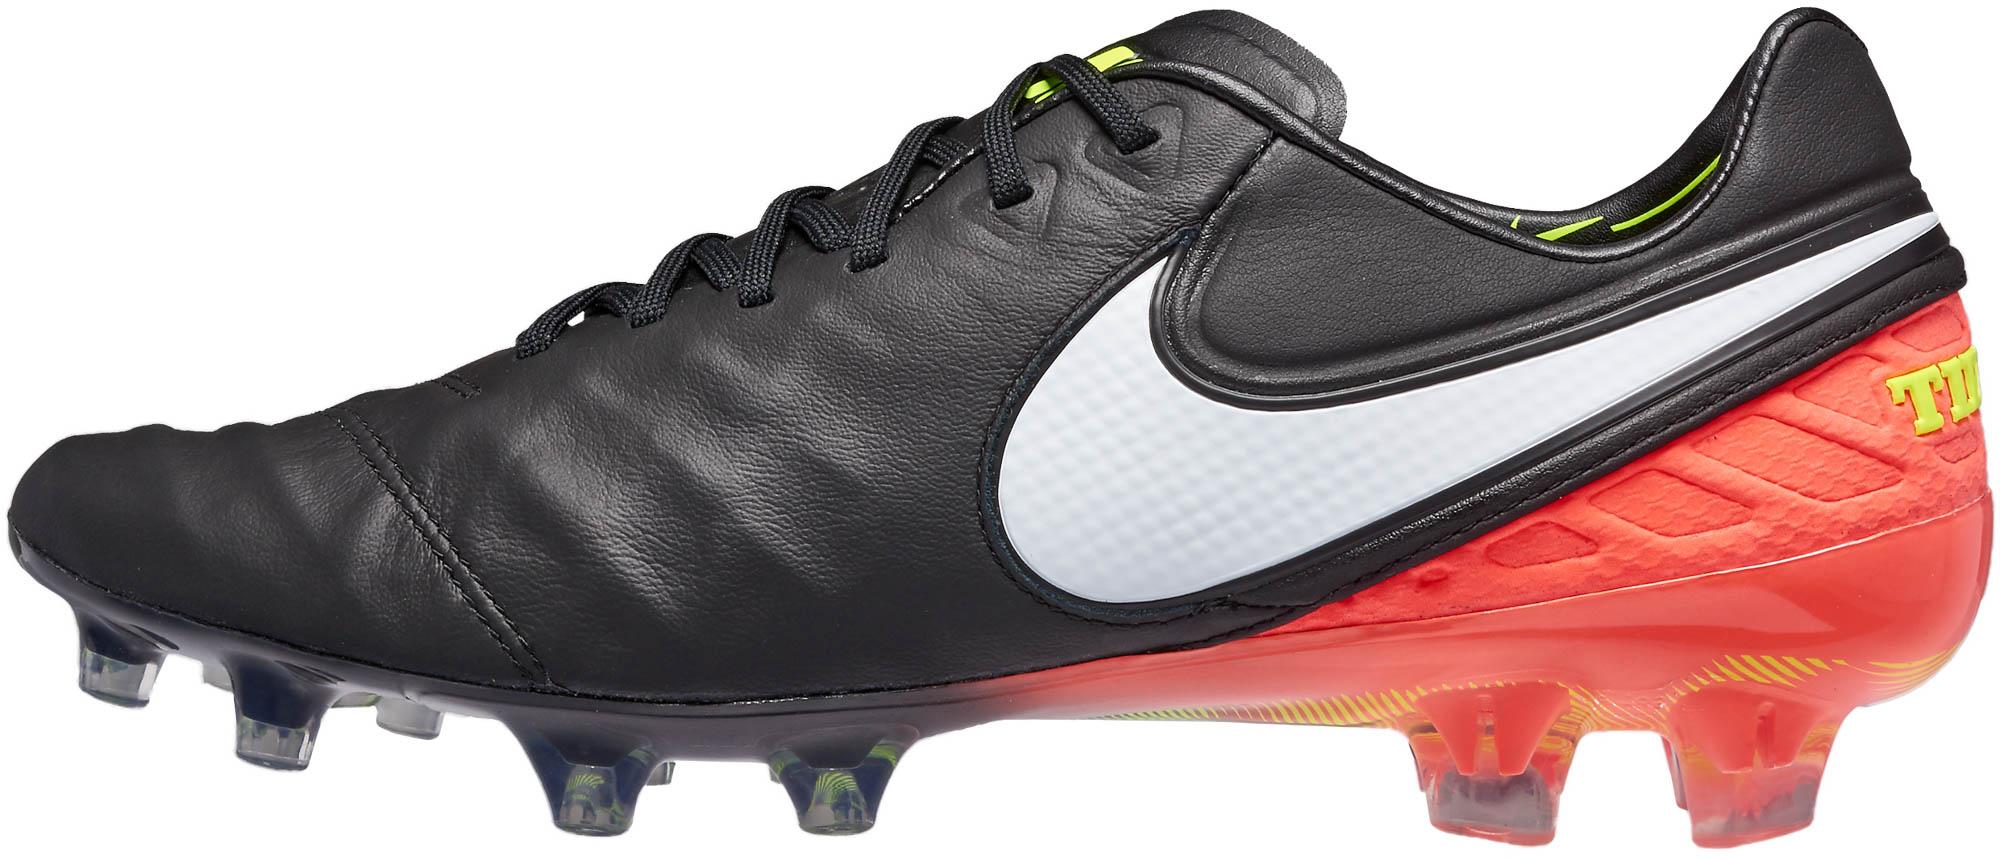 d4fa75ee3 Nike Tiempo Legend VI FG - Black and Hyper Orange Nike Tiempo Soccer ...